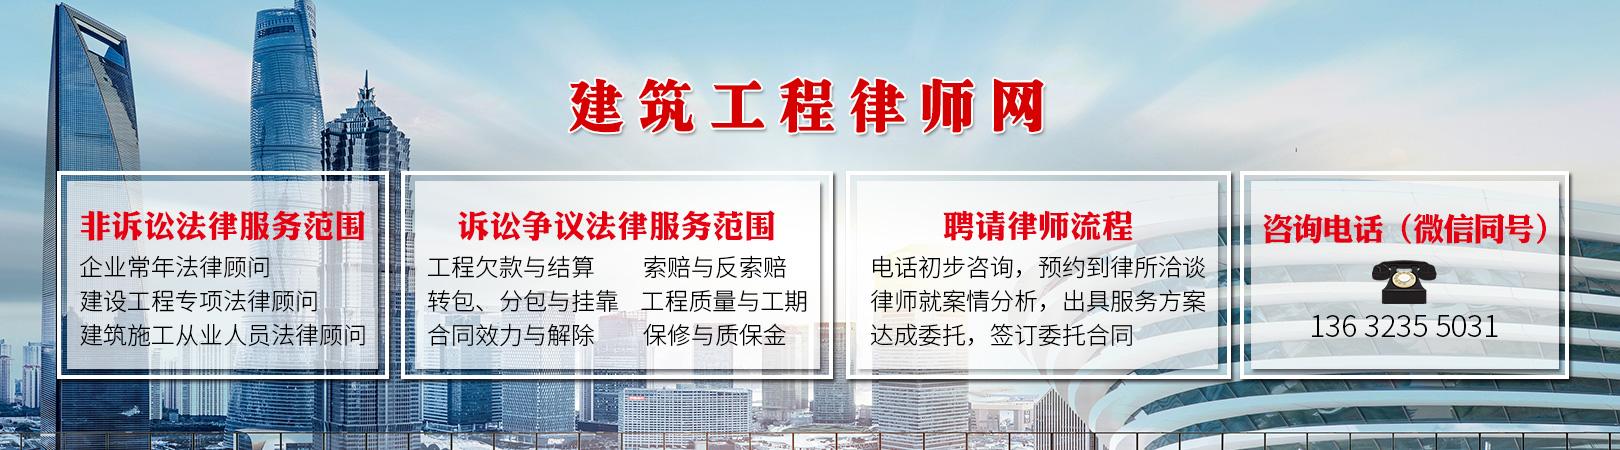 广州建设工程款律师